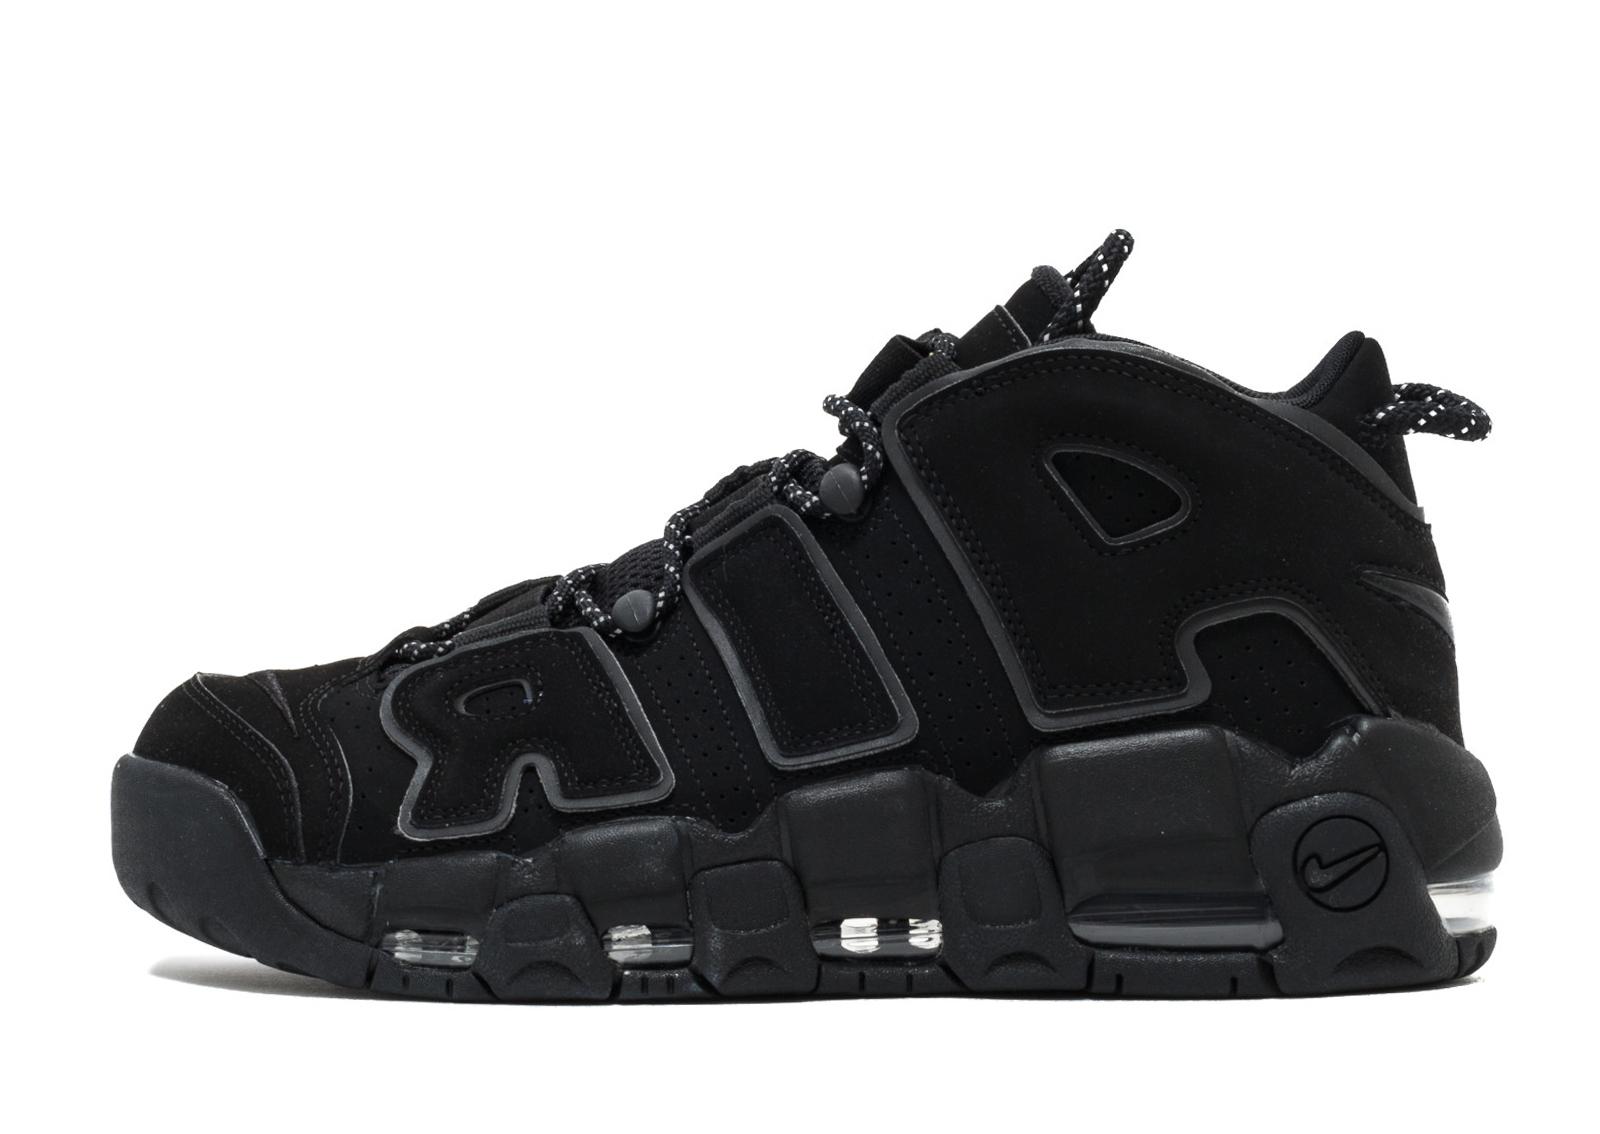 d9f80b4aa34d Кроссовки Nike Air More Uptempo 96 купить в интернет магазине ...